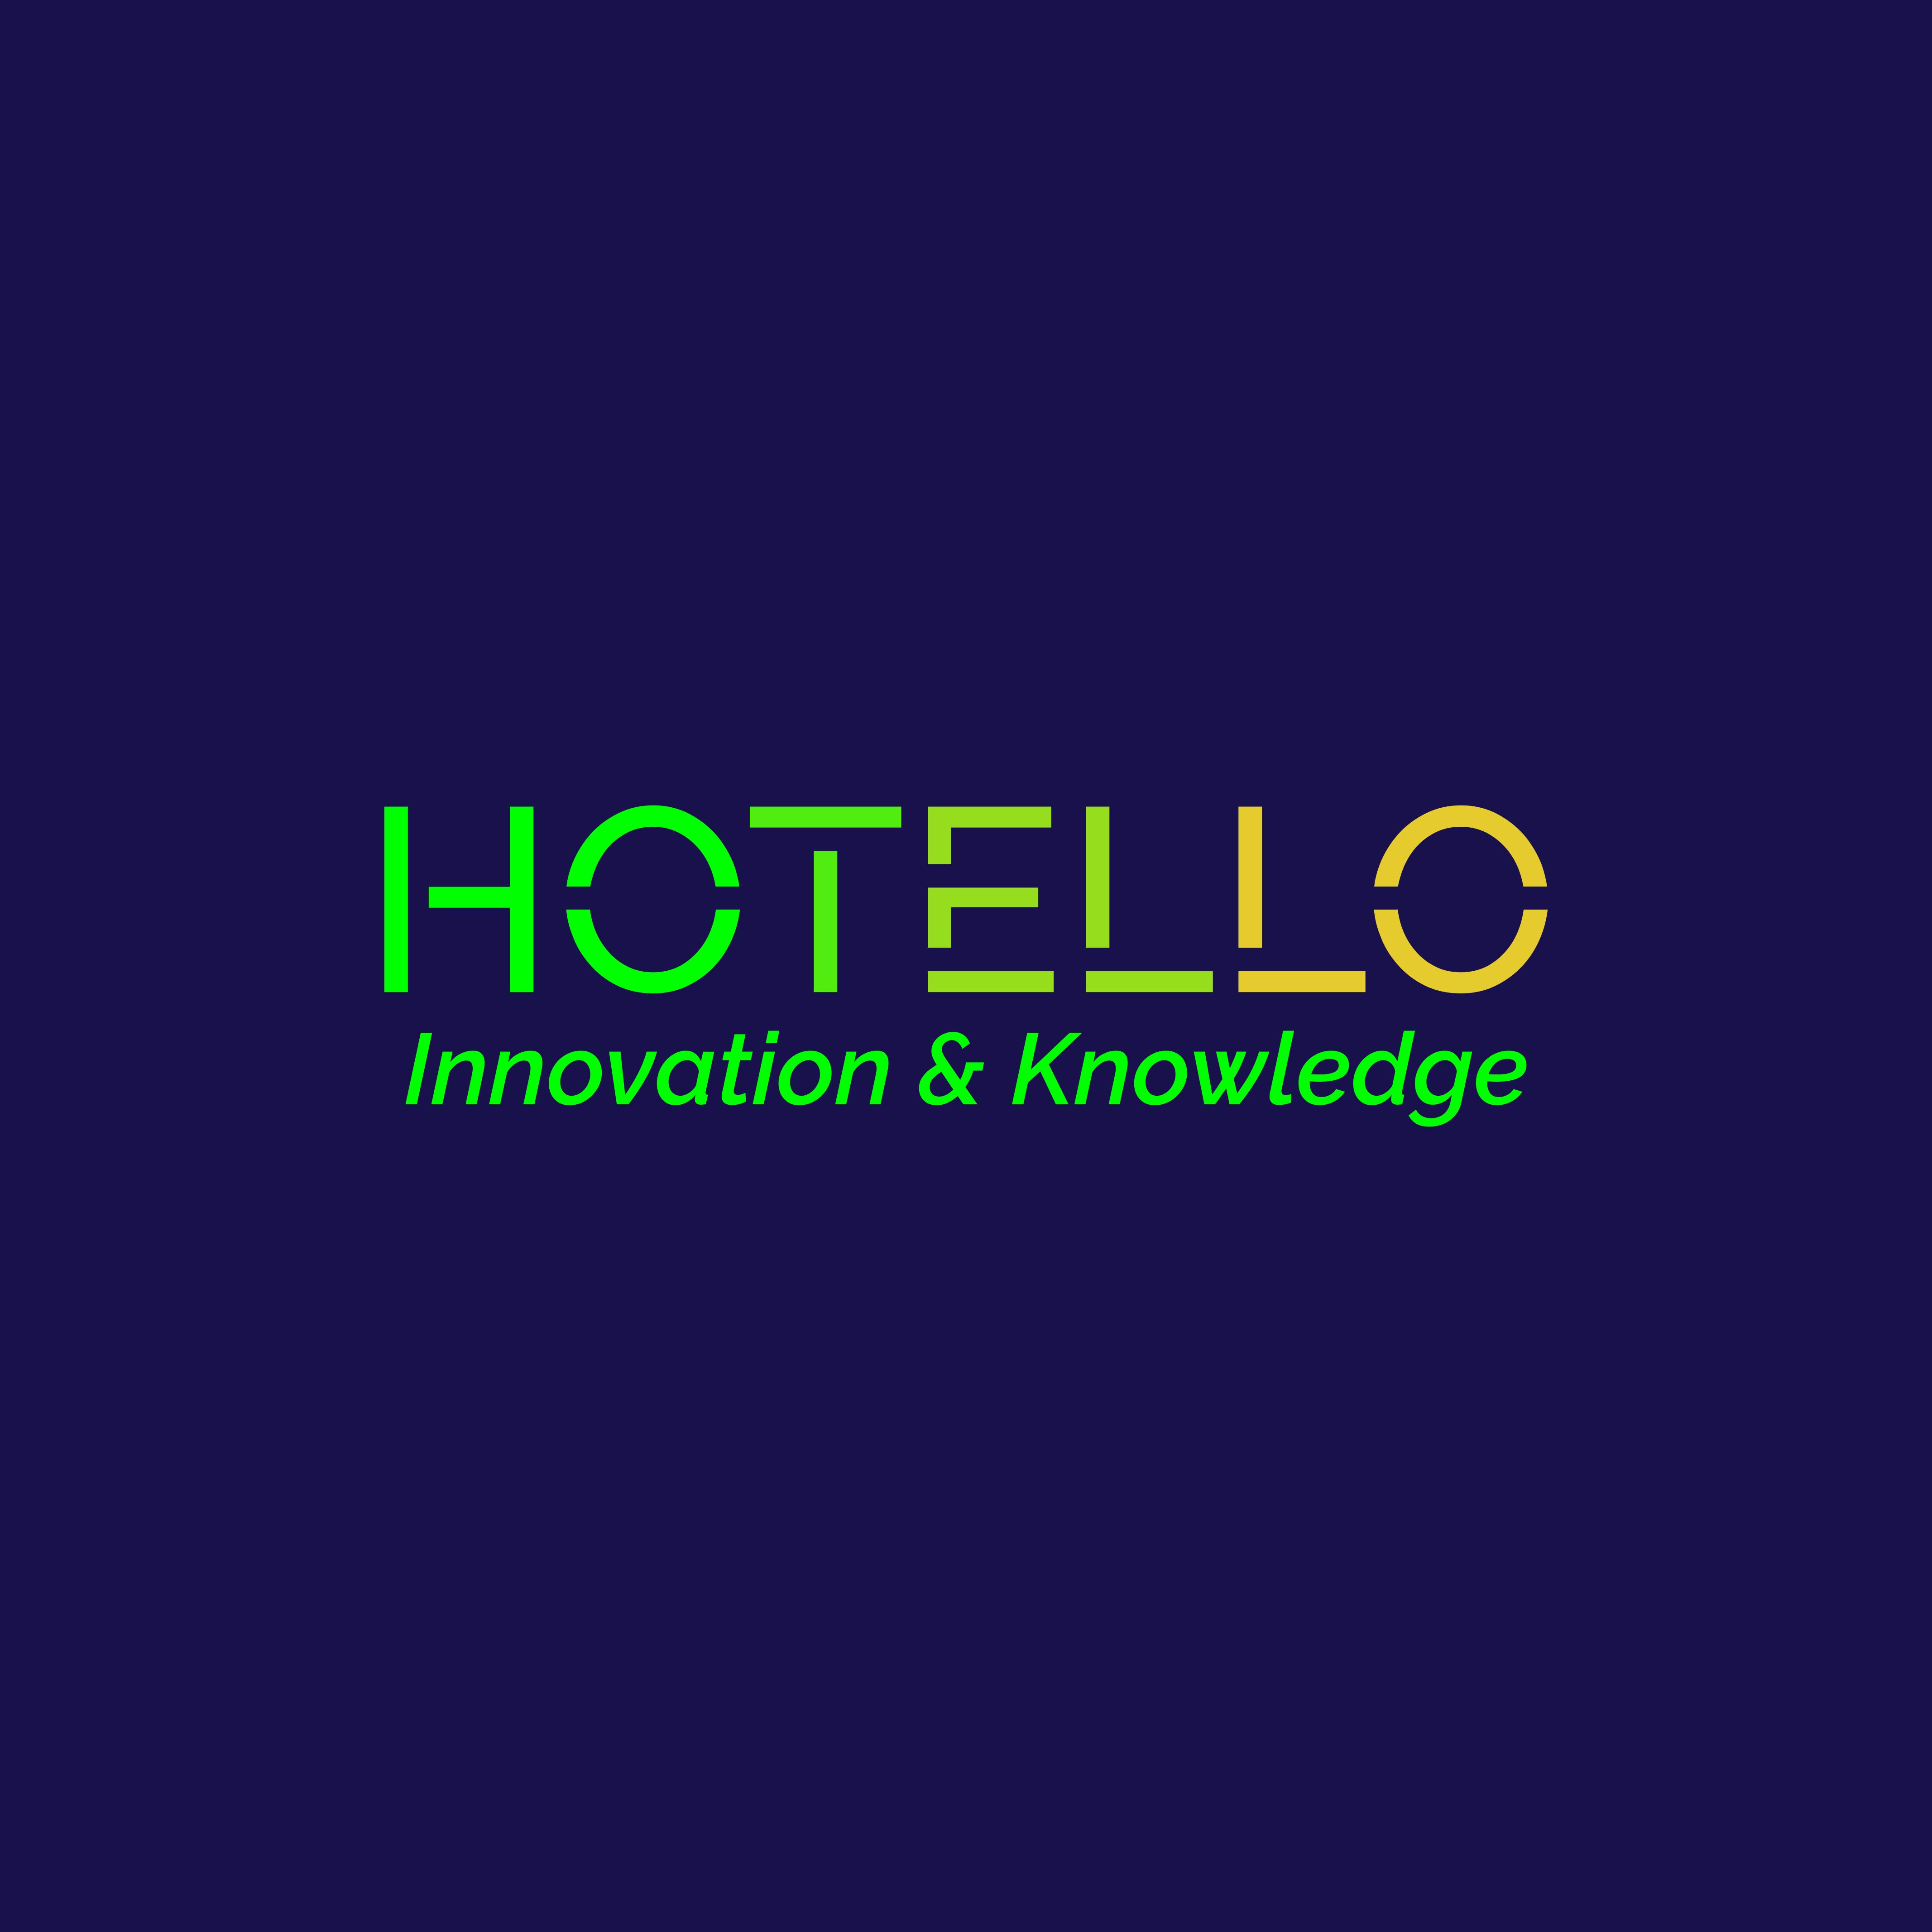 HOTELLO